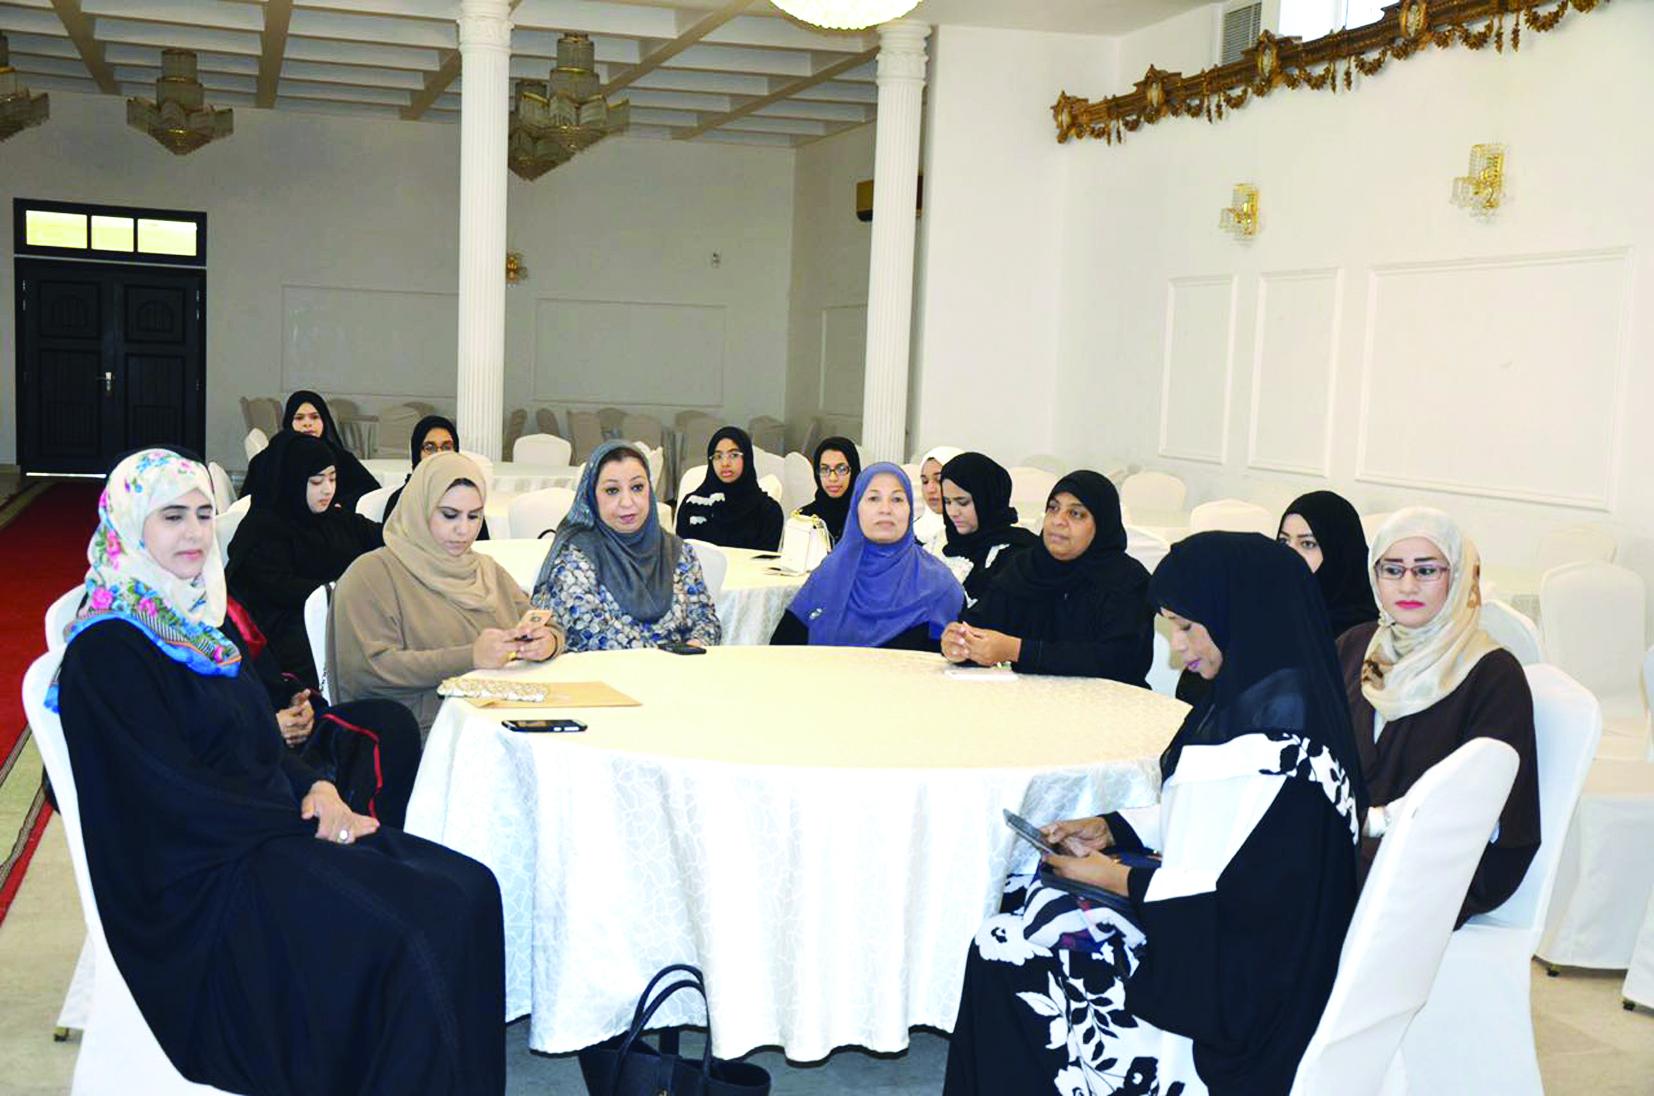 برنامج تدريبي لإعداد جيل قيادي من الفتيات